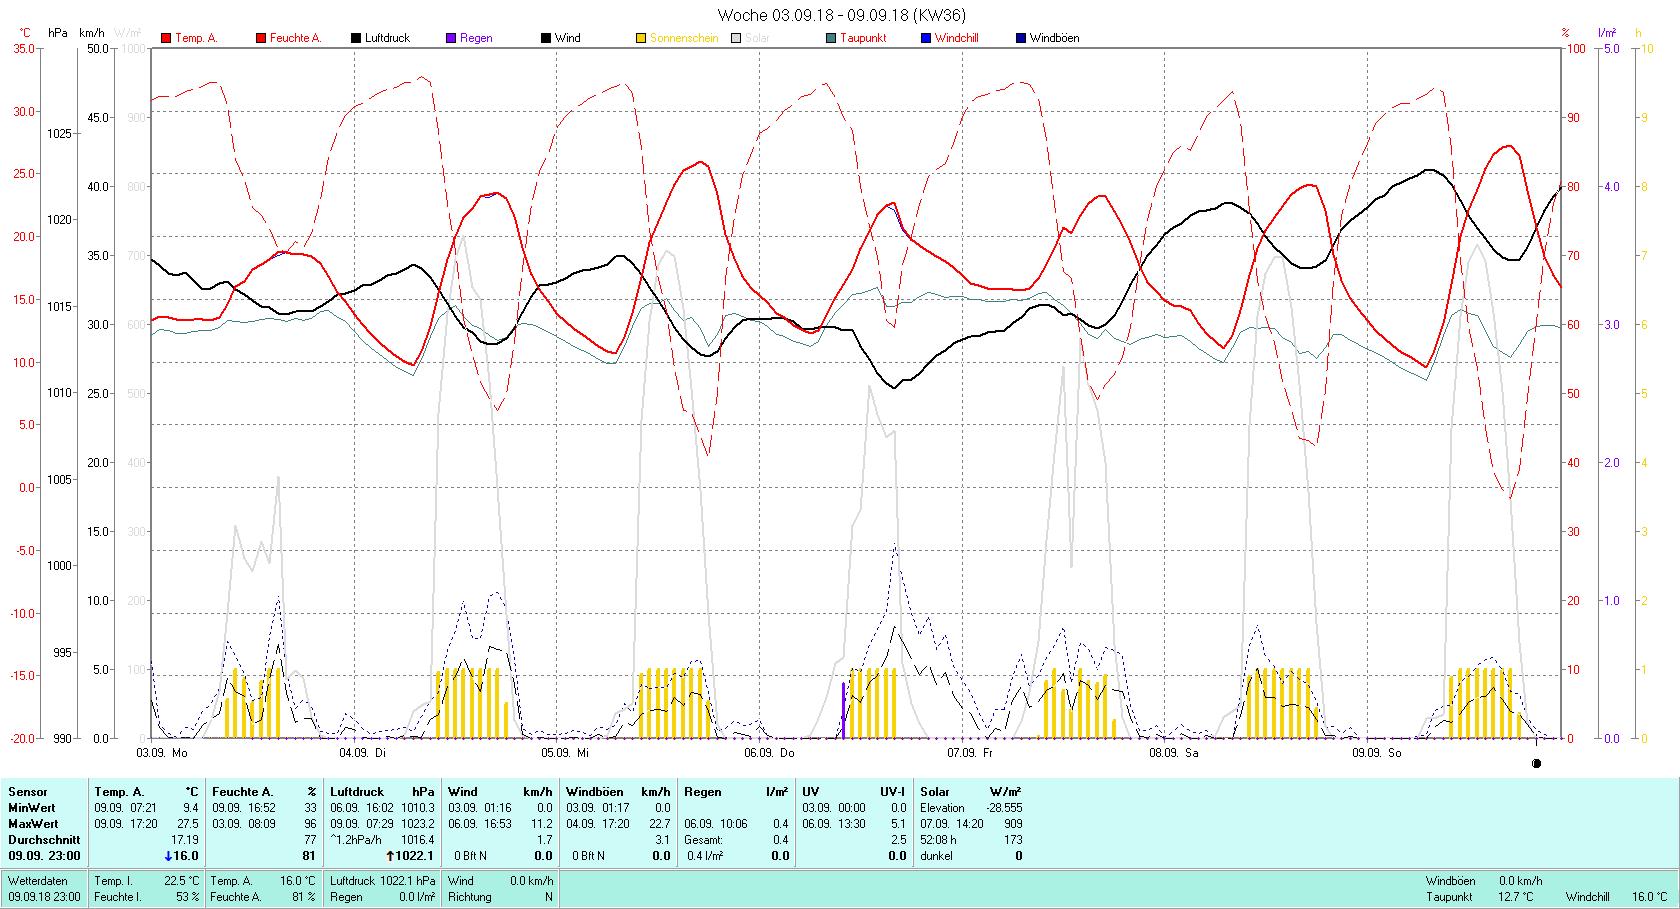 KW 36 Tmin 9.4°C, Tmax 27.5°C, Sonne 52:08 h Niederschlag 0.4 mm2